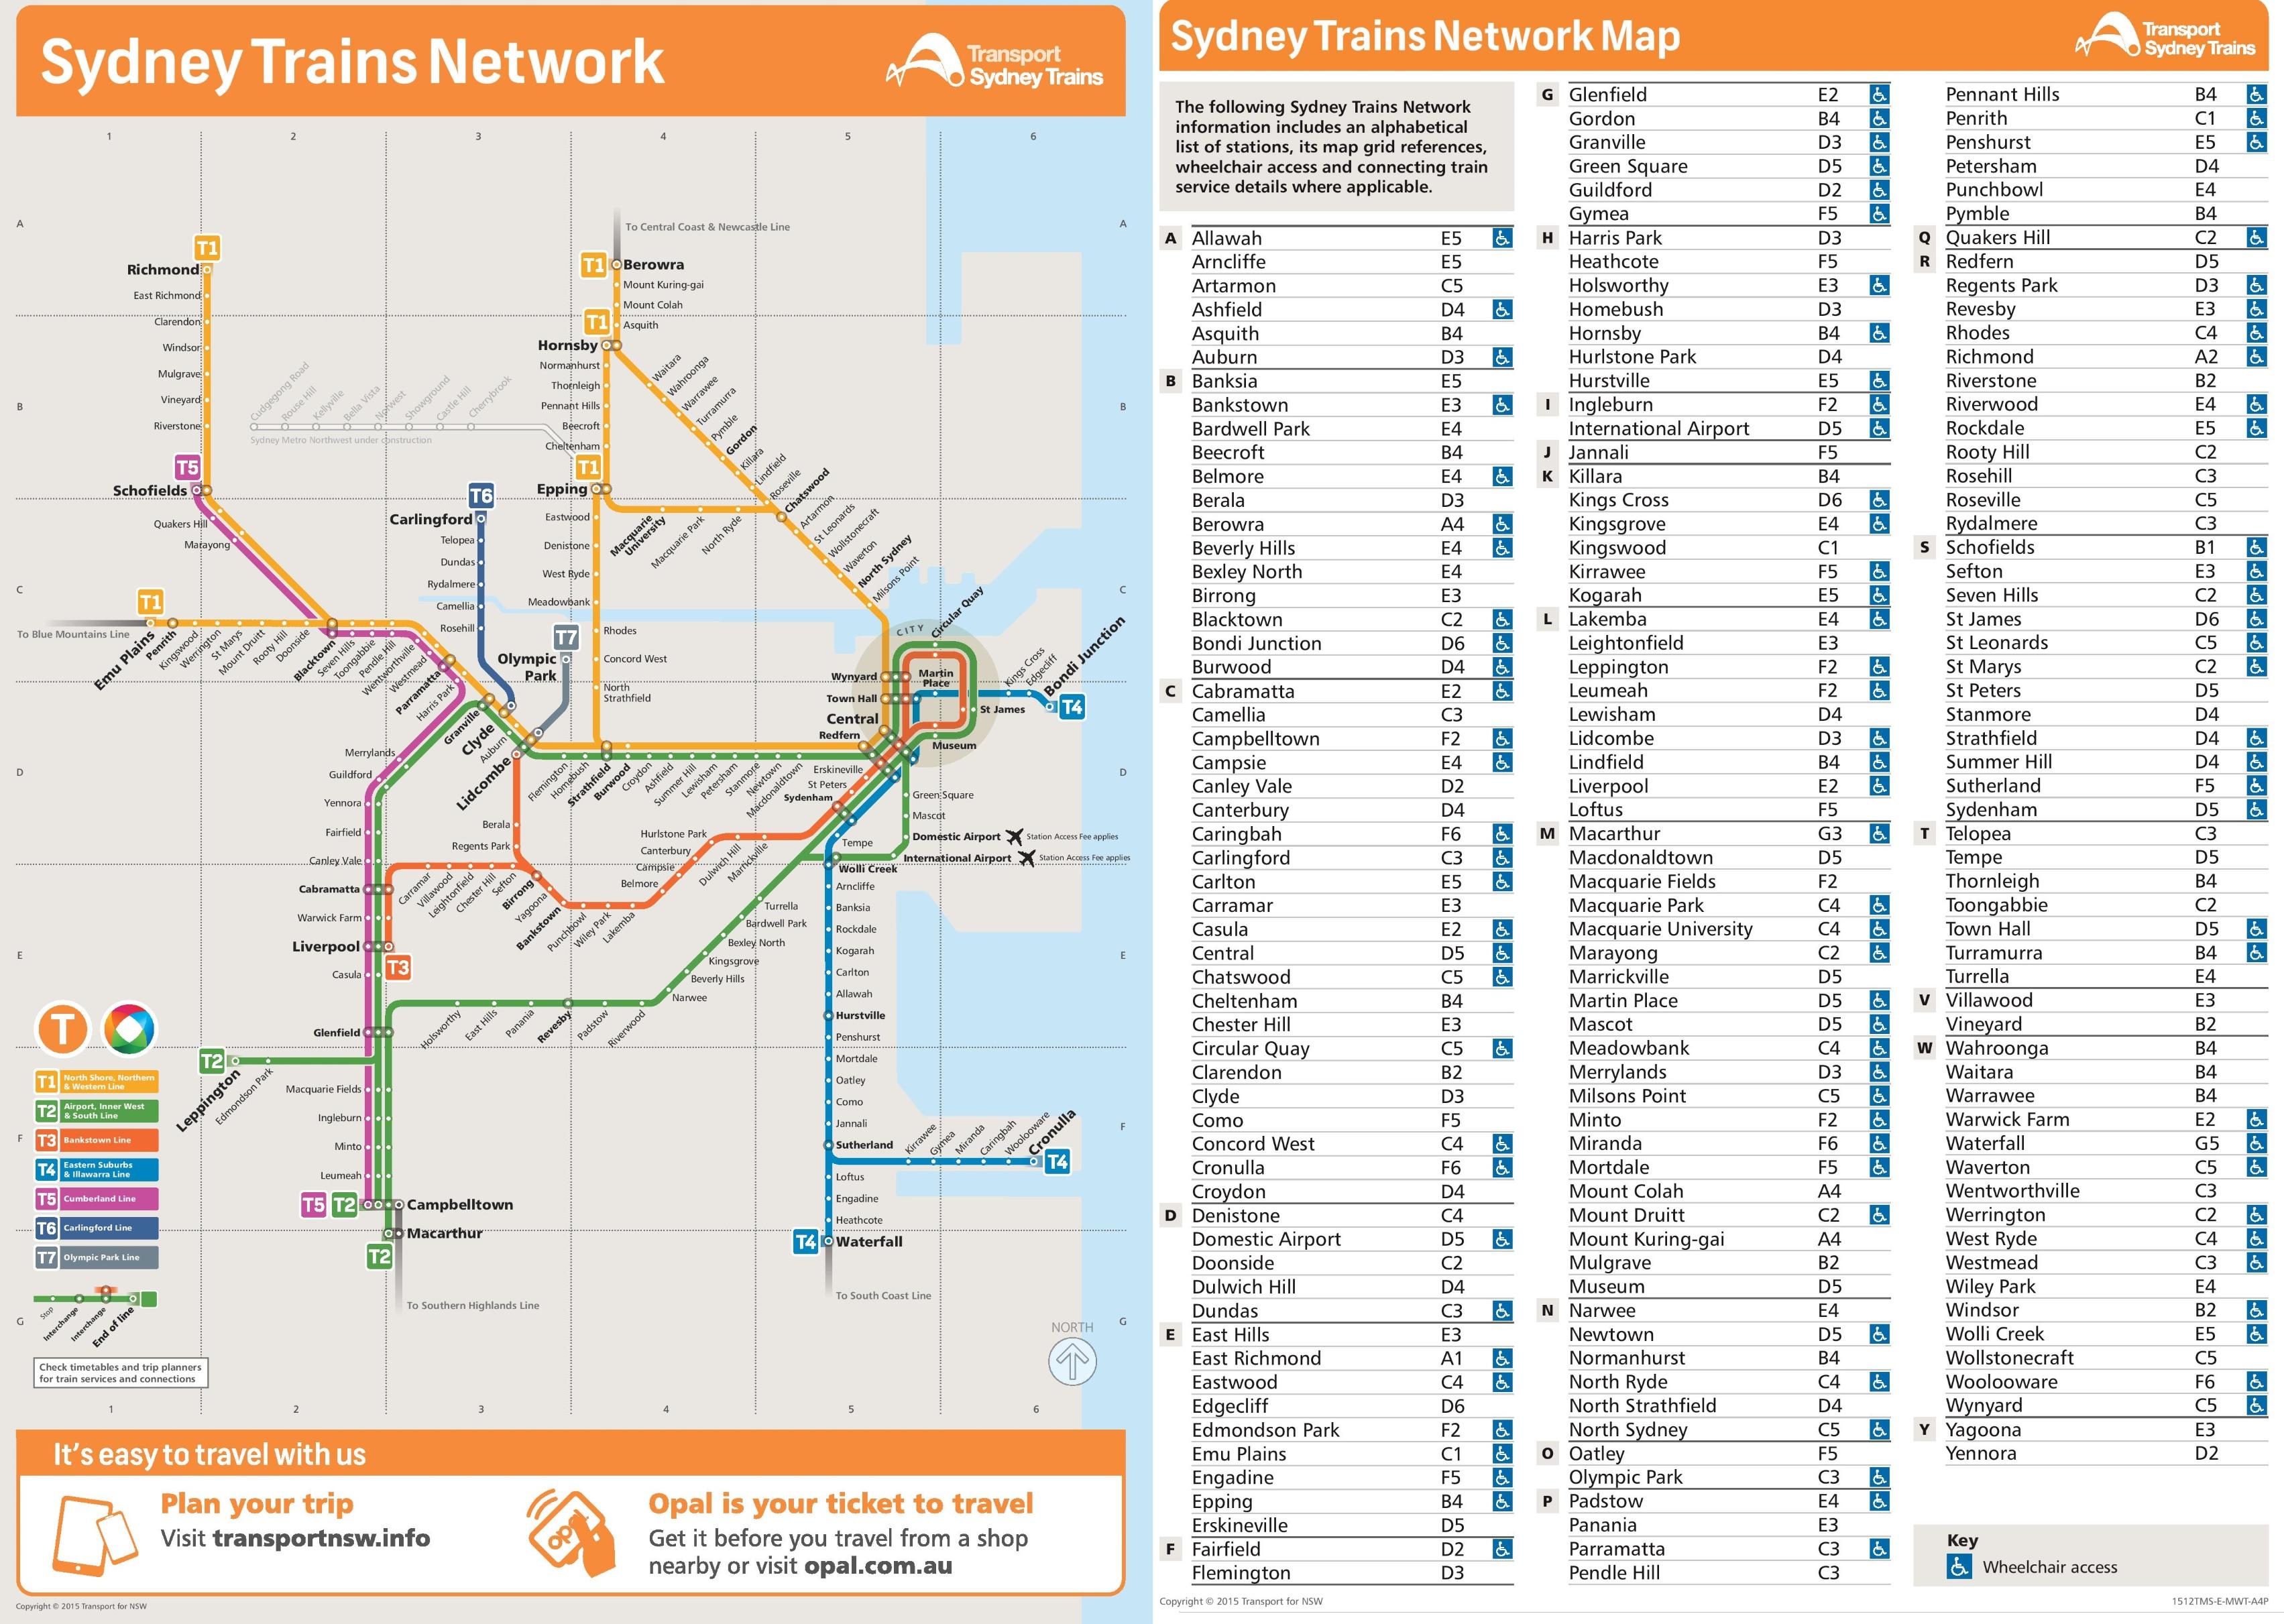 Sydney Trains Map Sydney trains network map Sydney Trains Map